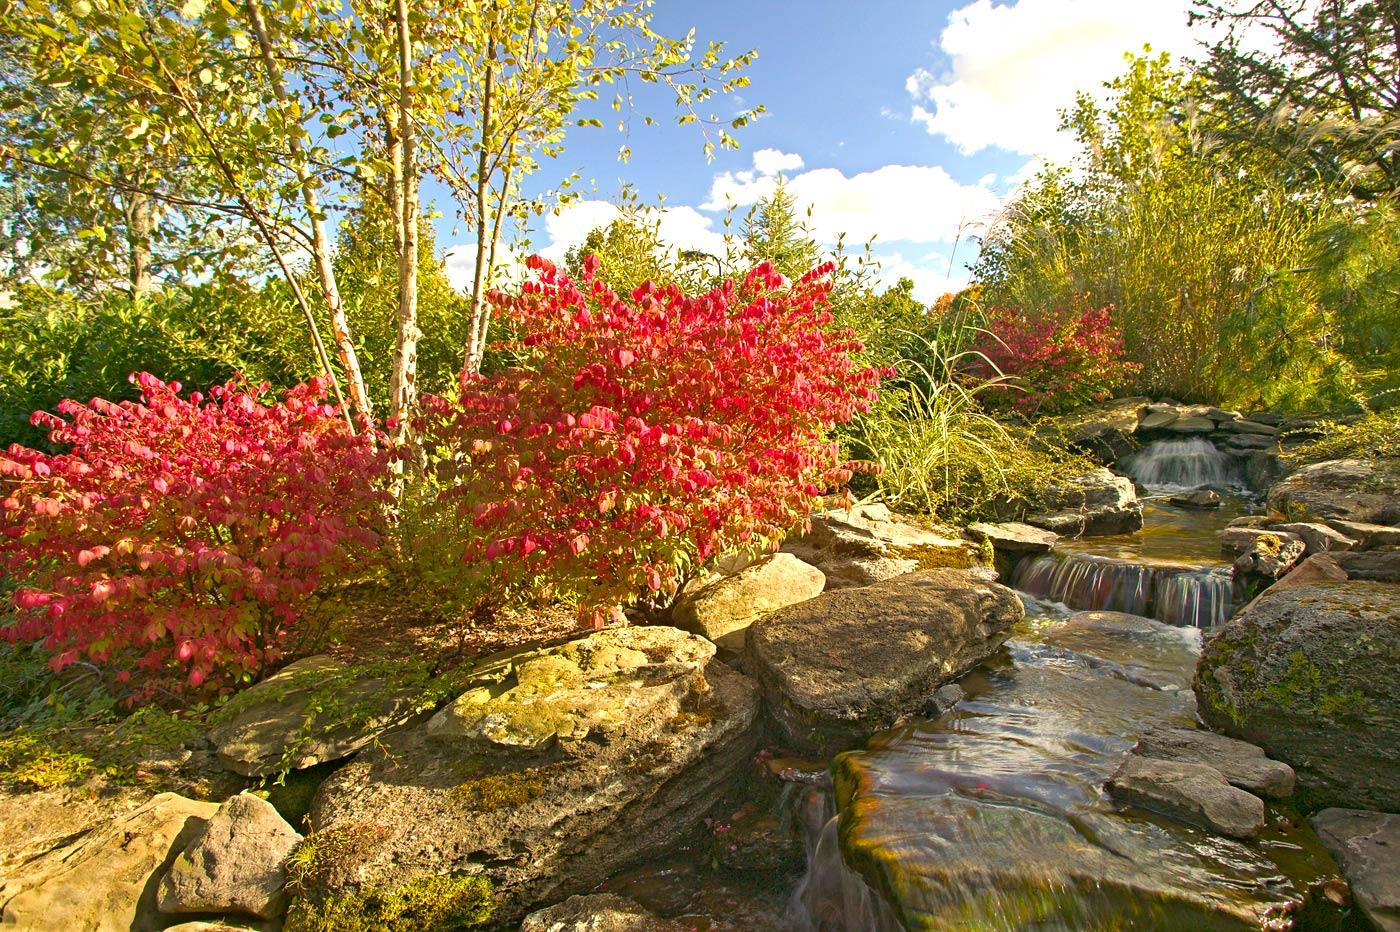 Landscaping nj new jersey gardens cording landscape for Landscape design nj